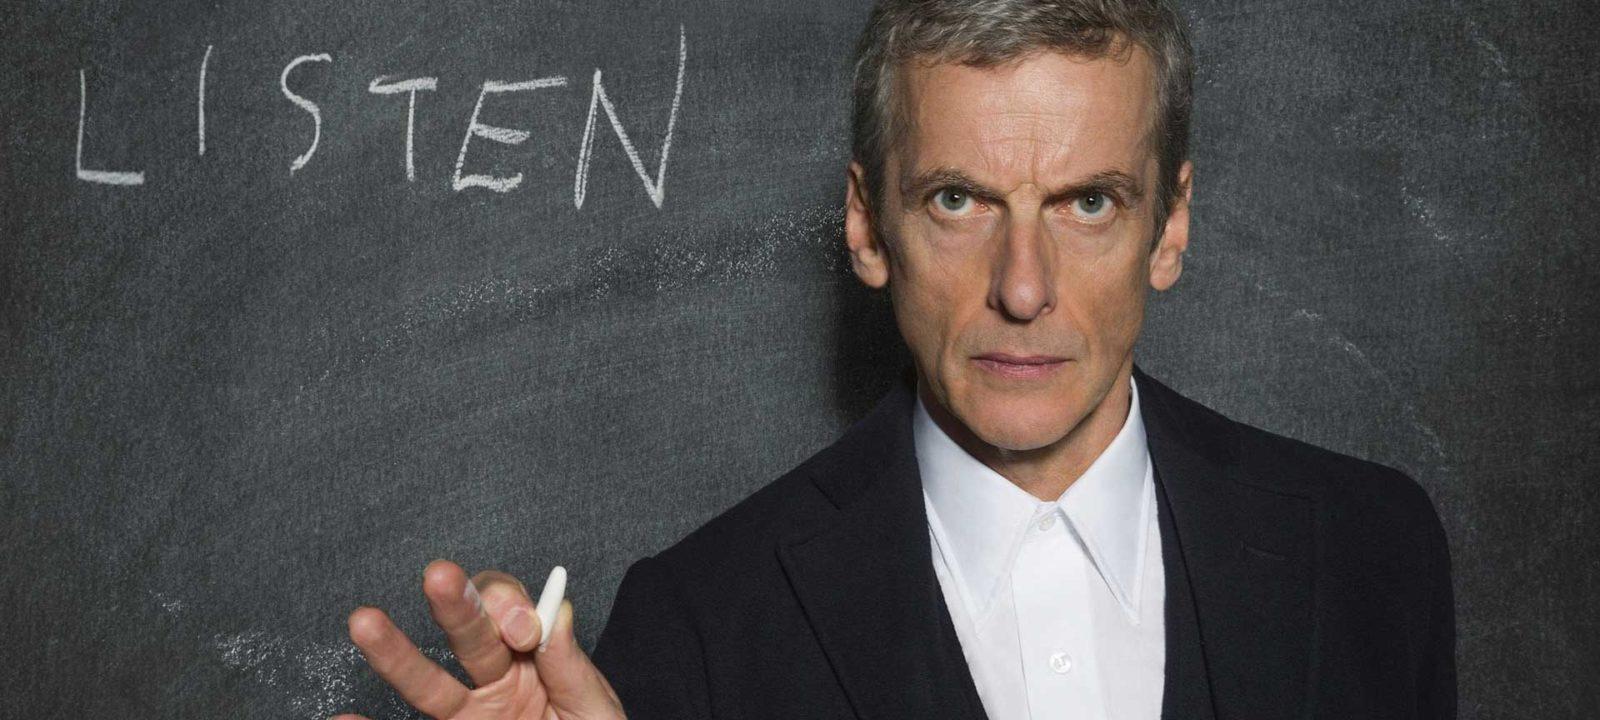 """""""Listen"""" (Photo: BBC)"""